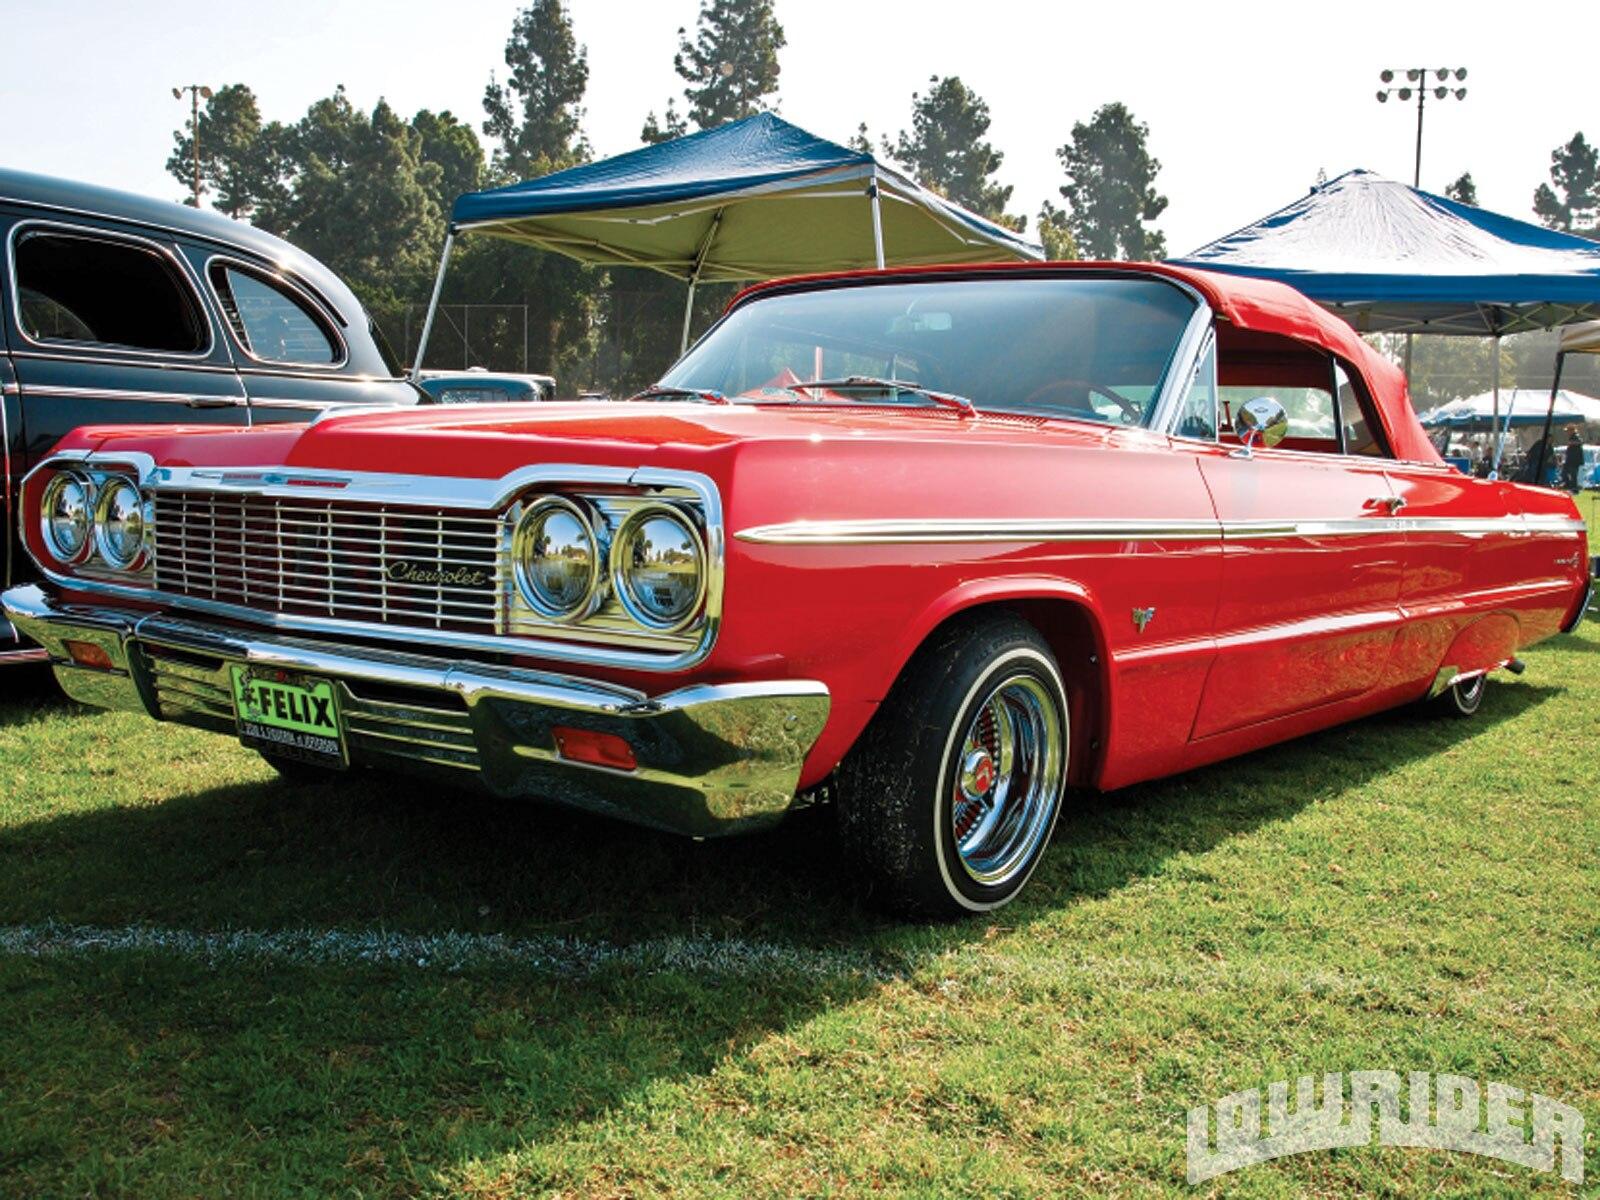 1109-lrmp-03-o-2nd-annual-greenspan-classic-car-show-chevy2